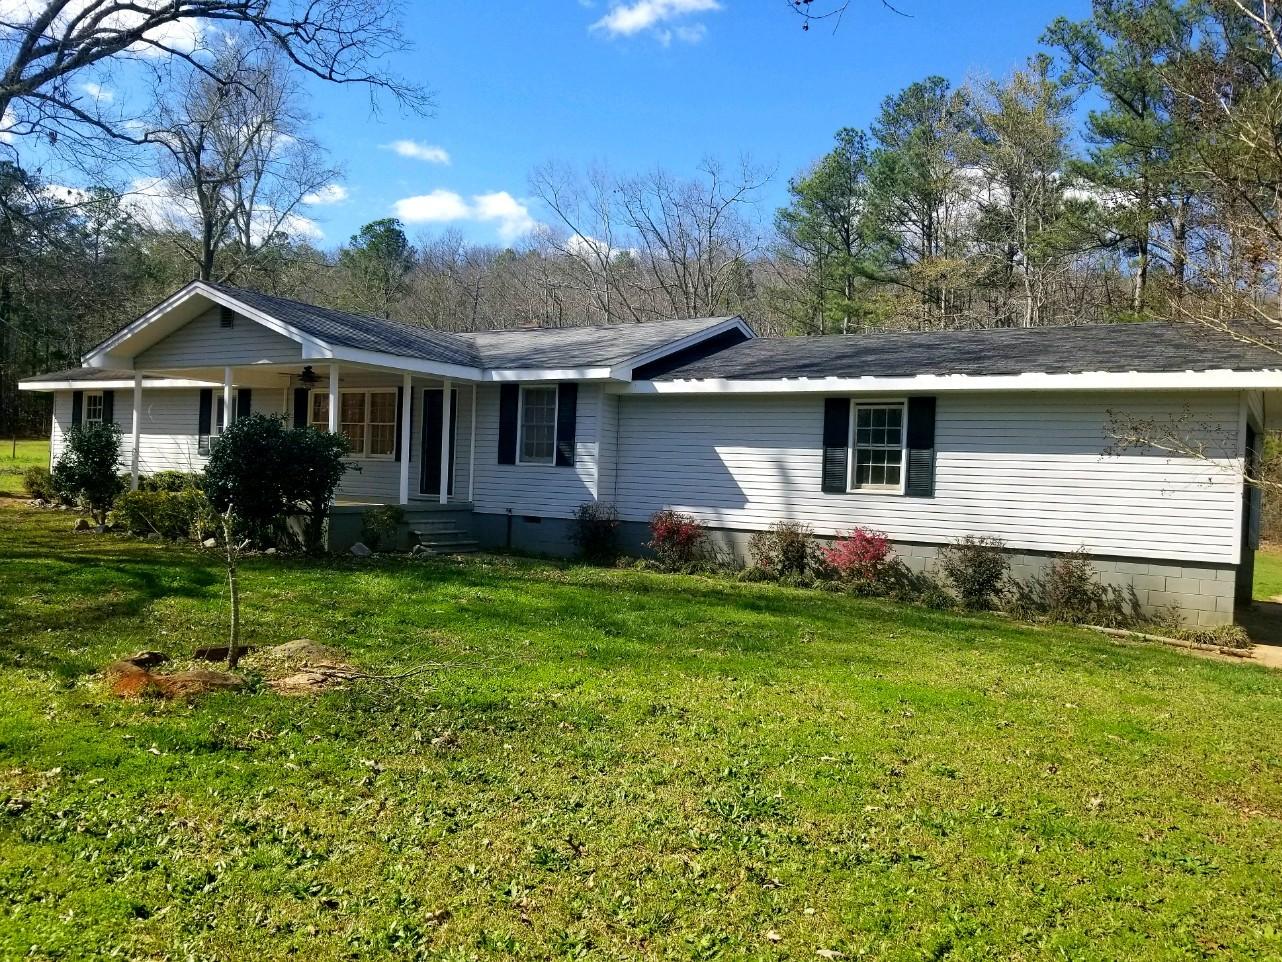 Home Inspection - Molena, GA